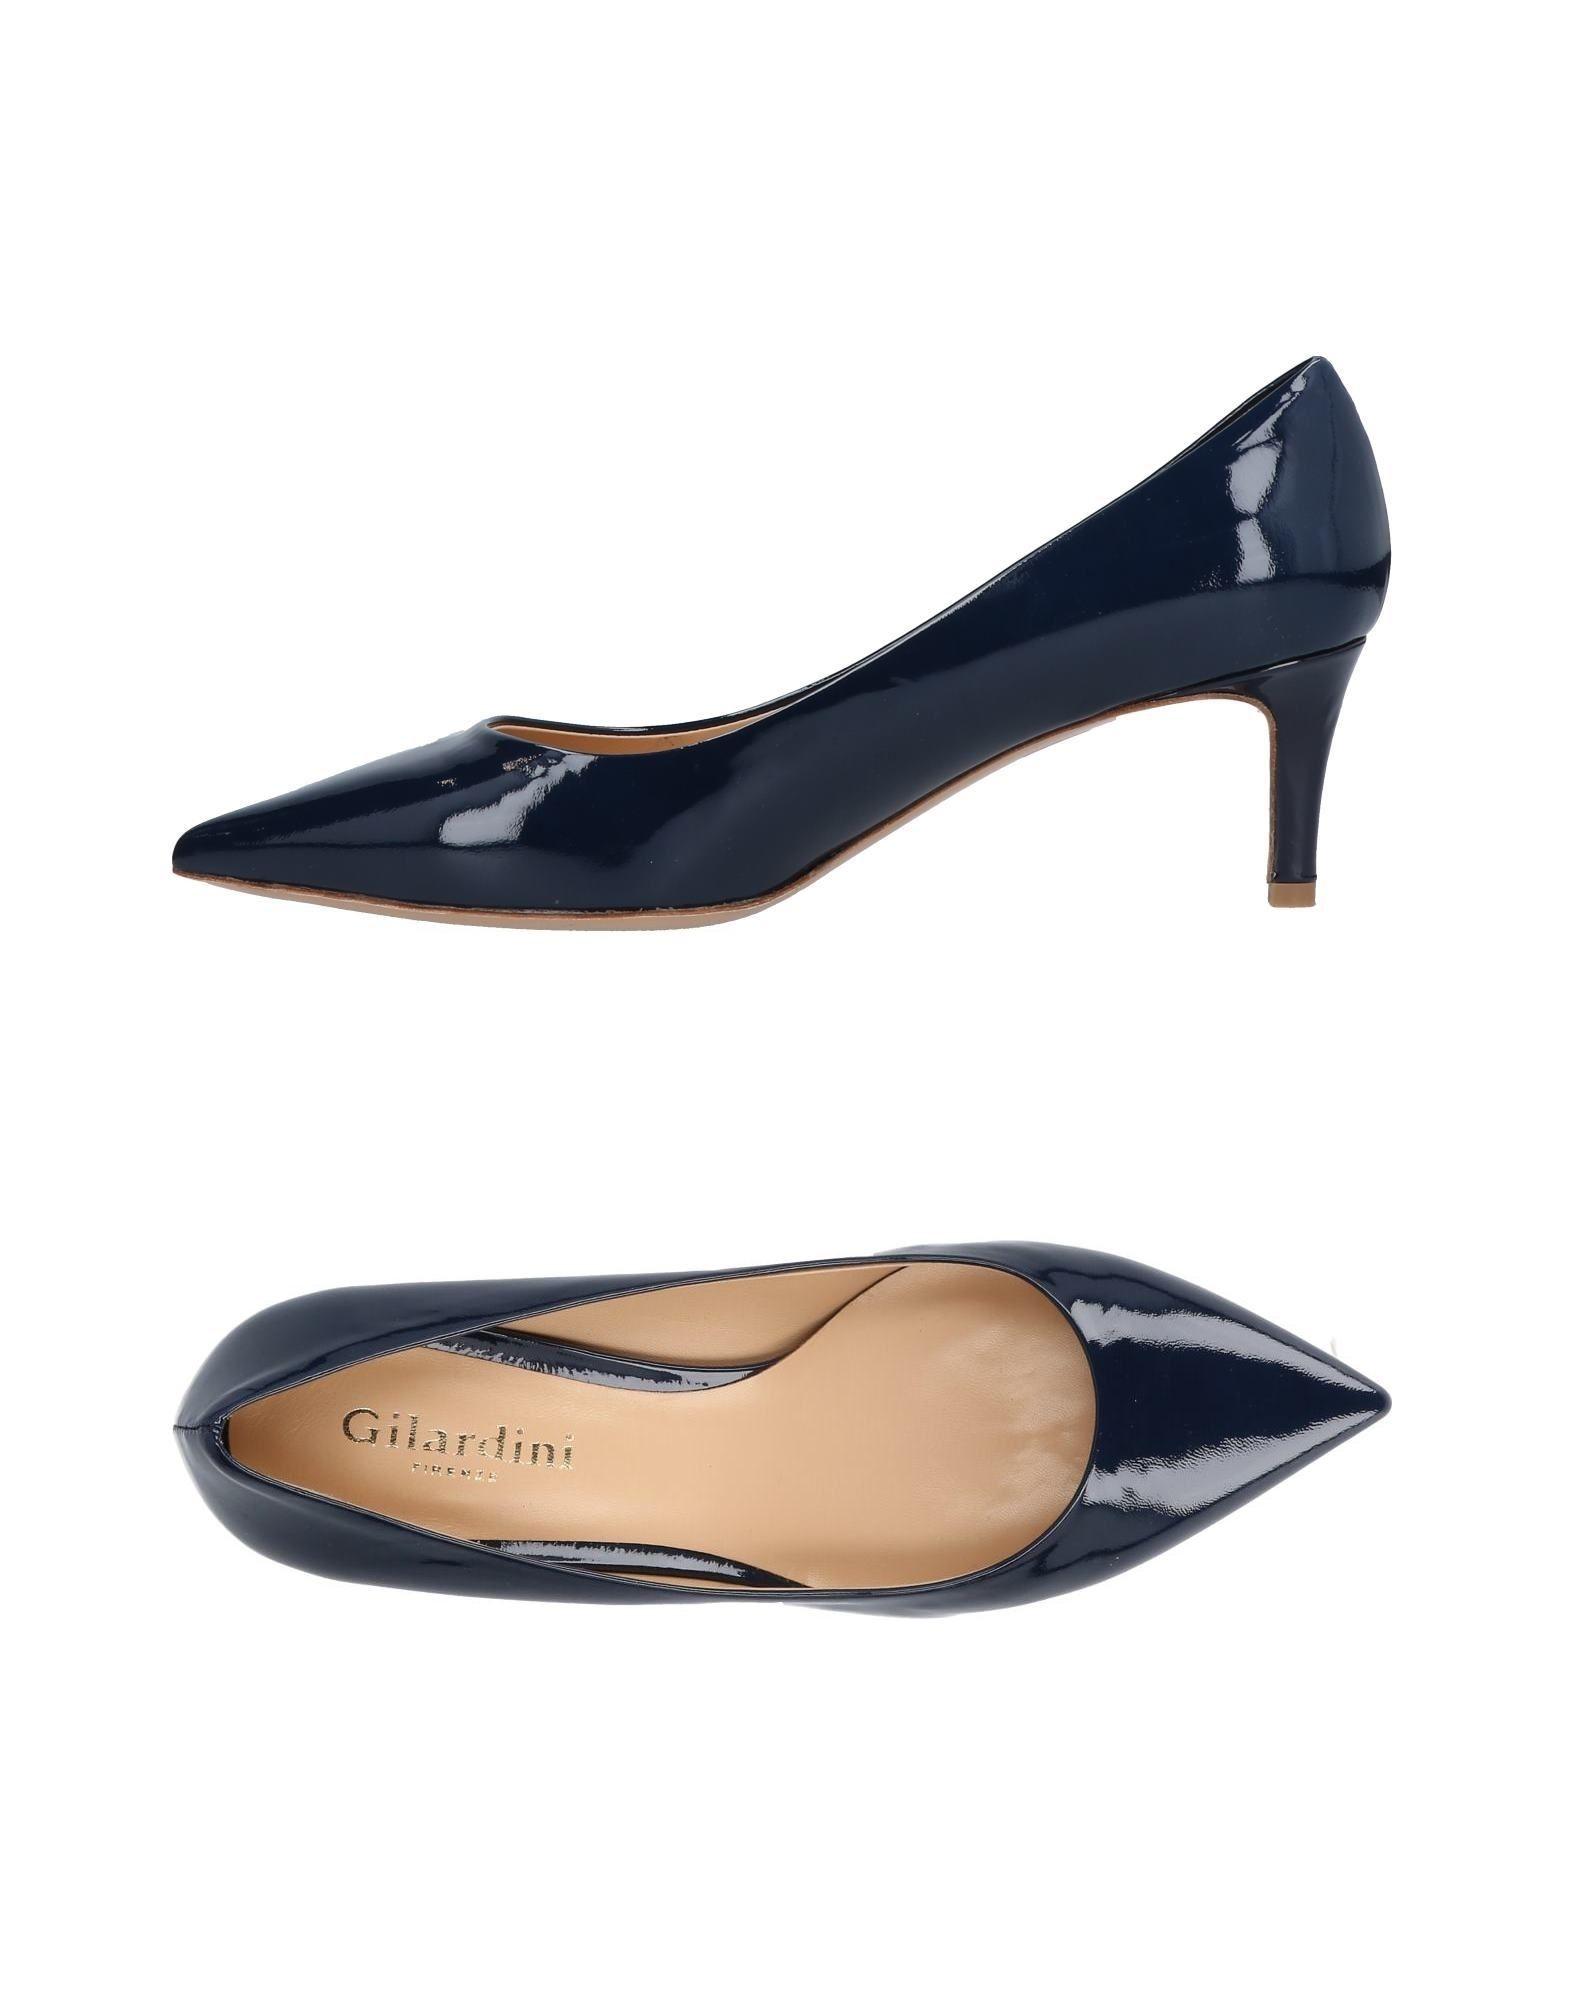 цены на MI AMOR Туфли в интернет-магазинах